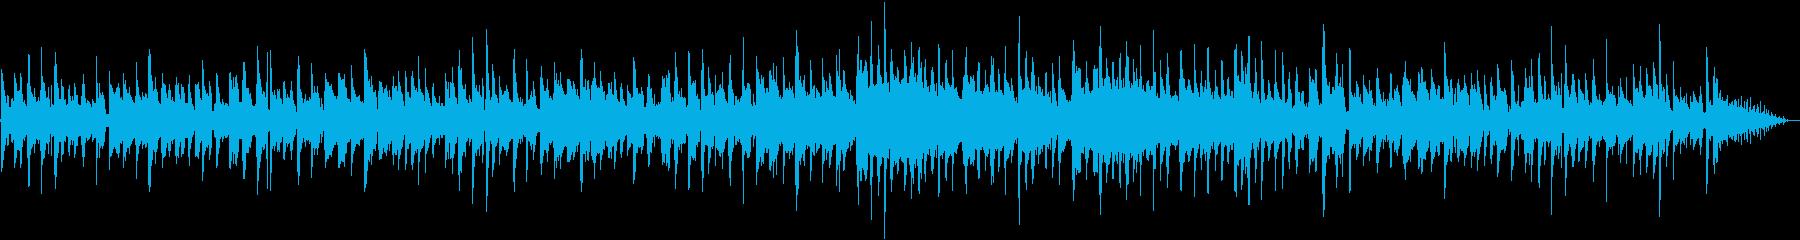 生ギター ハイキング・ピクニック 明るいの再生済みの波形